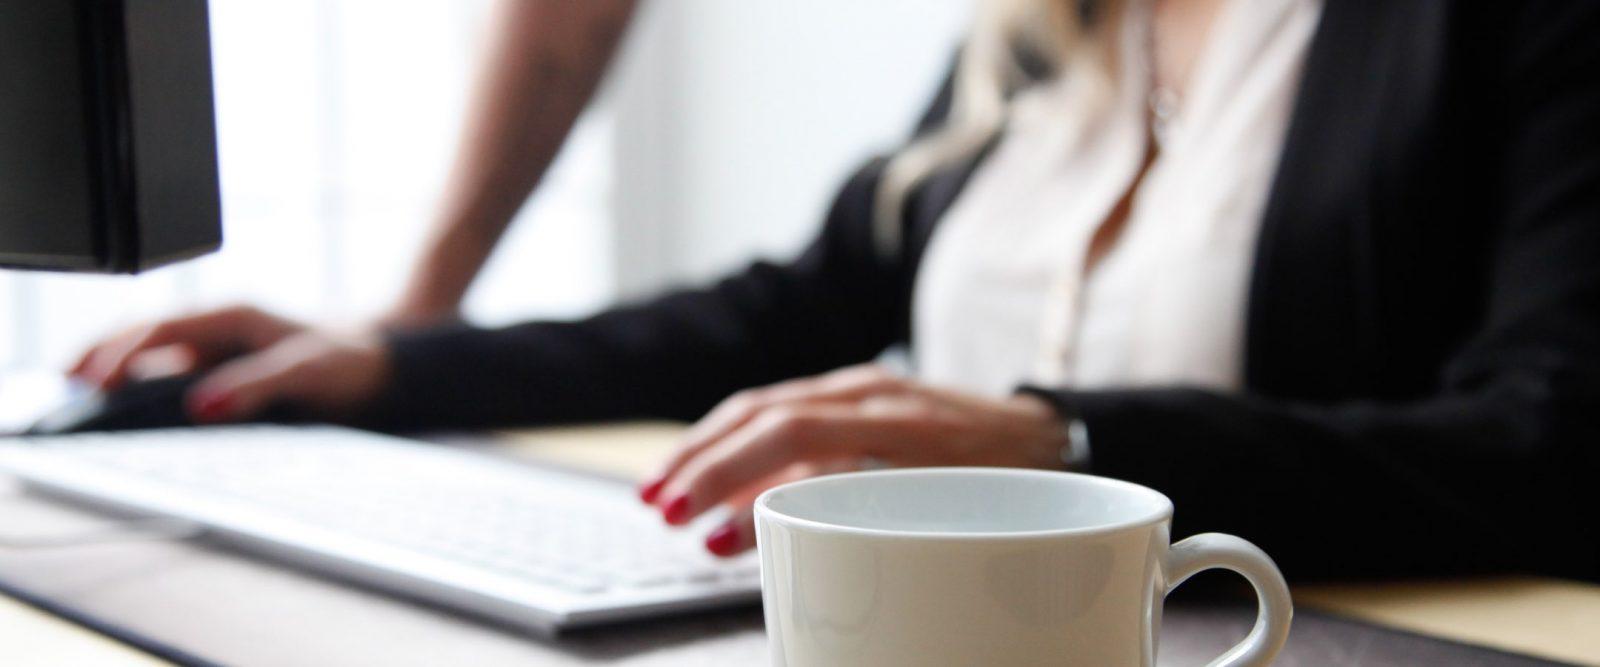 Kaffekopp som står framför person vid tangentbord